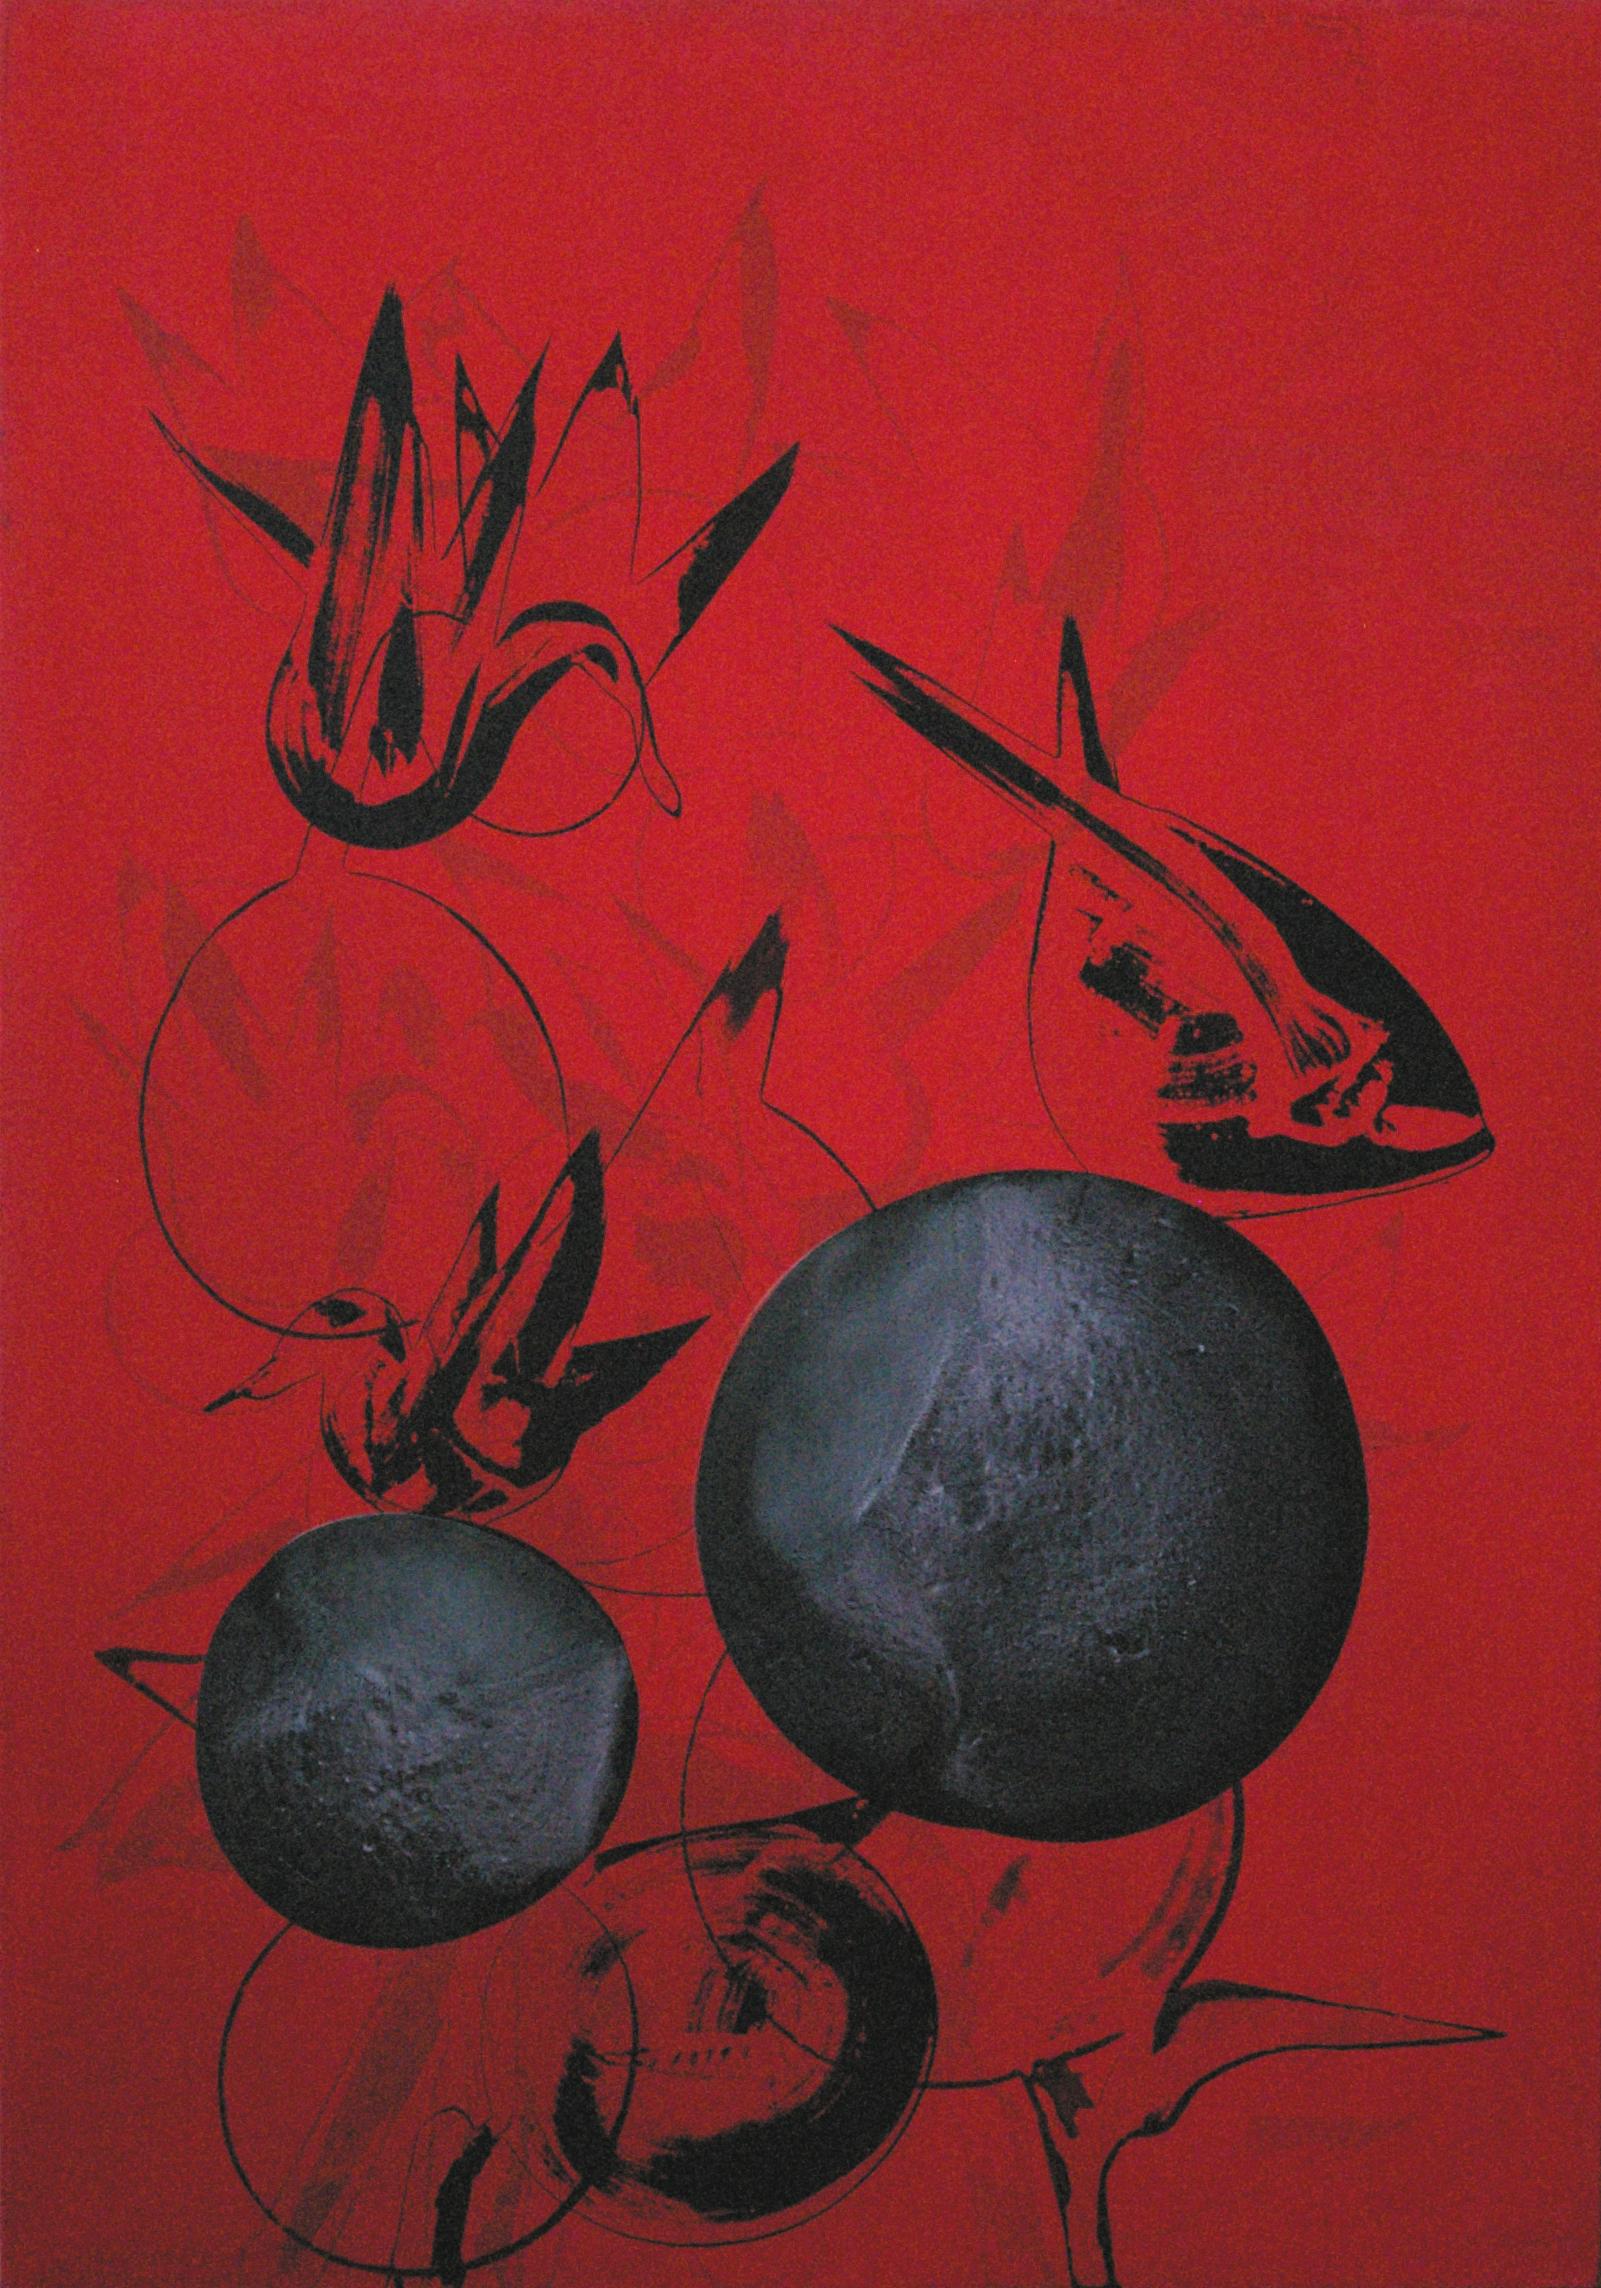 SoHyun Bae, Due Palle, 2007, acrylic on canvas, 100 x 70 cm